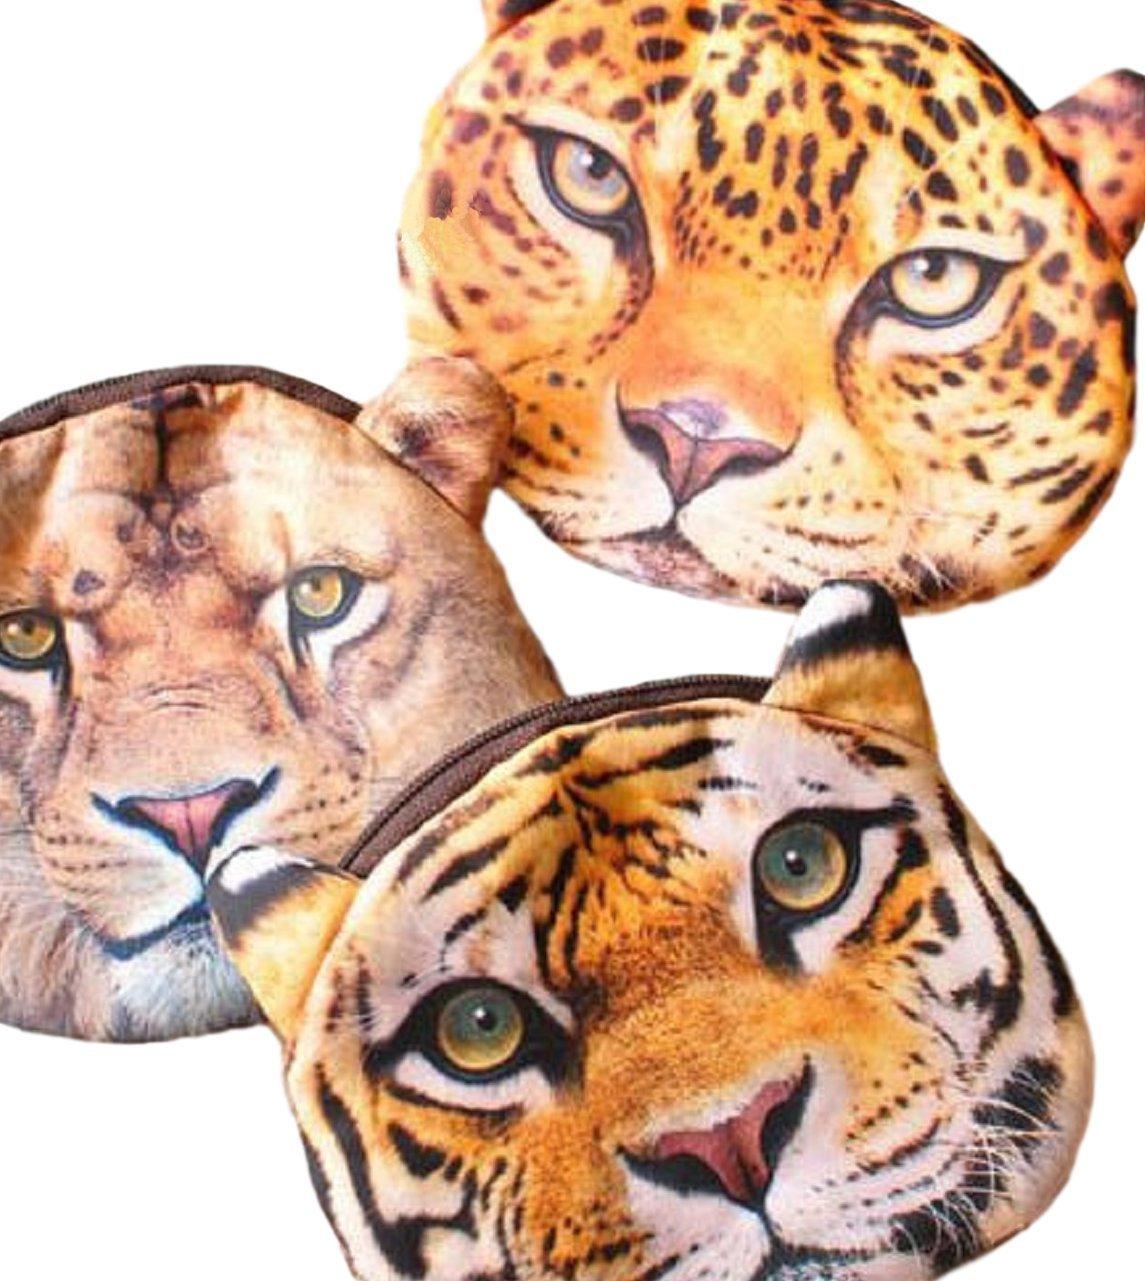 Leopard, L/öwe, Tiger Rei/ßverschluss Weicher Geldbeutel // Aufbewahrungstasche // M/ünzb/örse mit coolem Gro/ßkatzenmotiv L/öwe im Animal Print Design